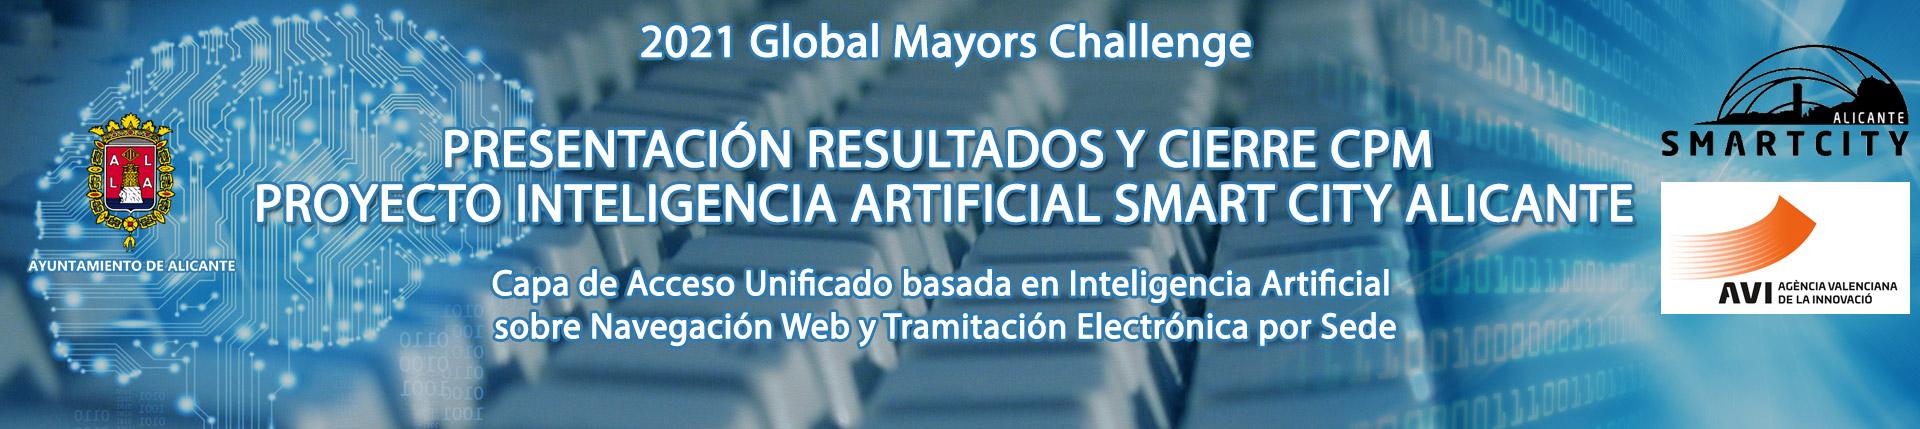 Presentación resultados y cierre CPM Proyecto Inteligencia Artificial Smart City Alicante